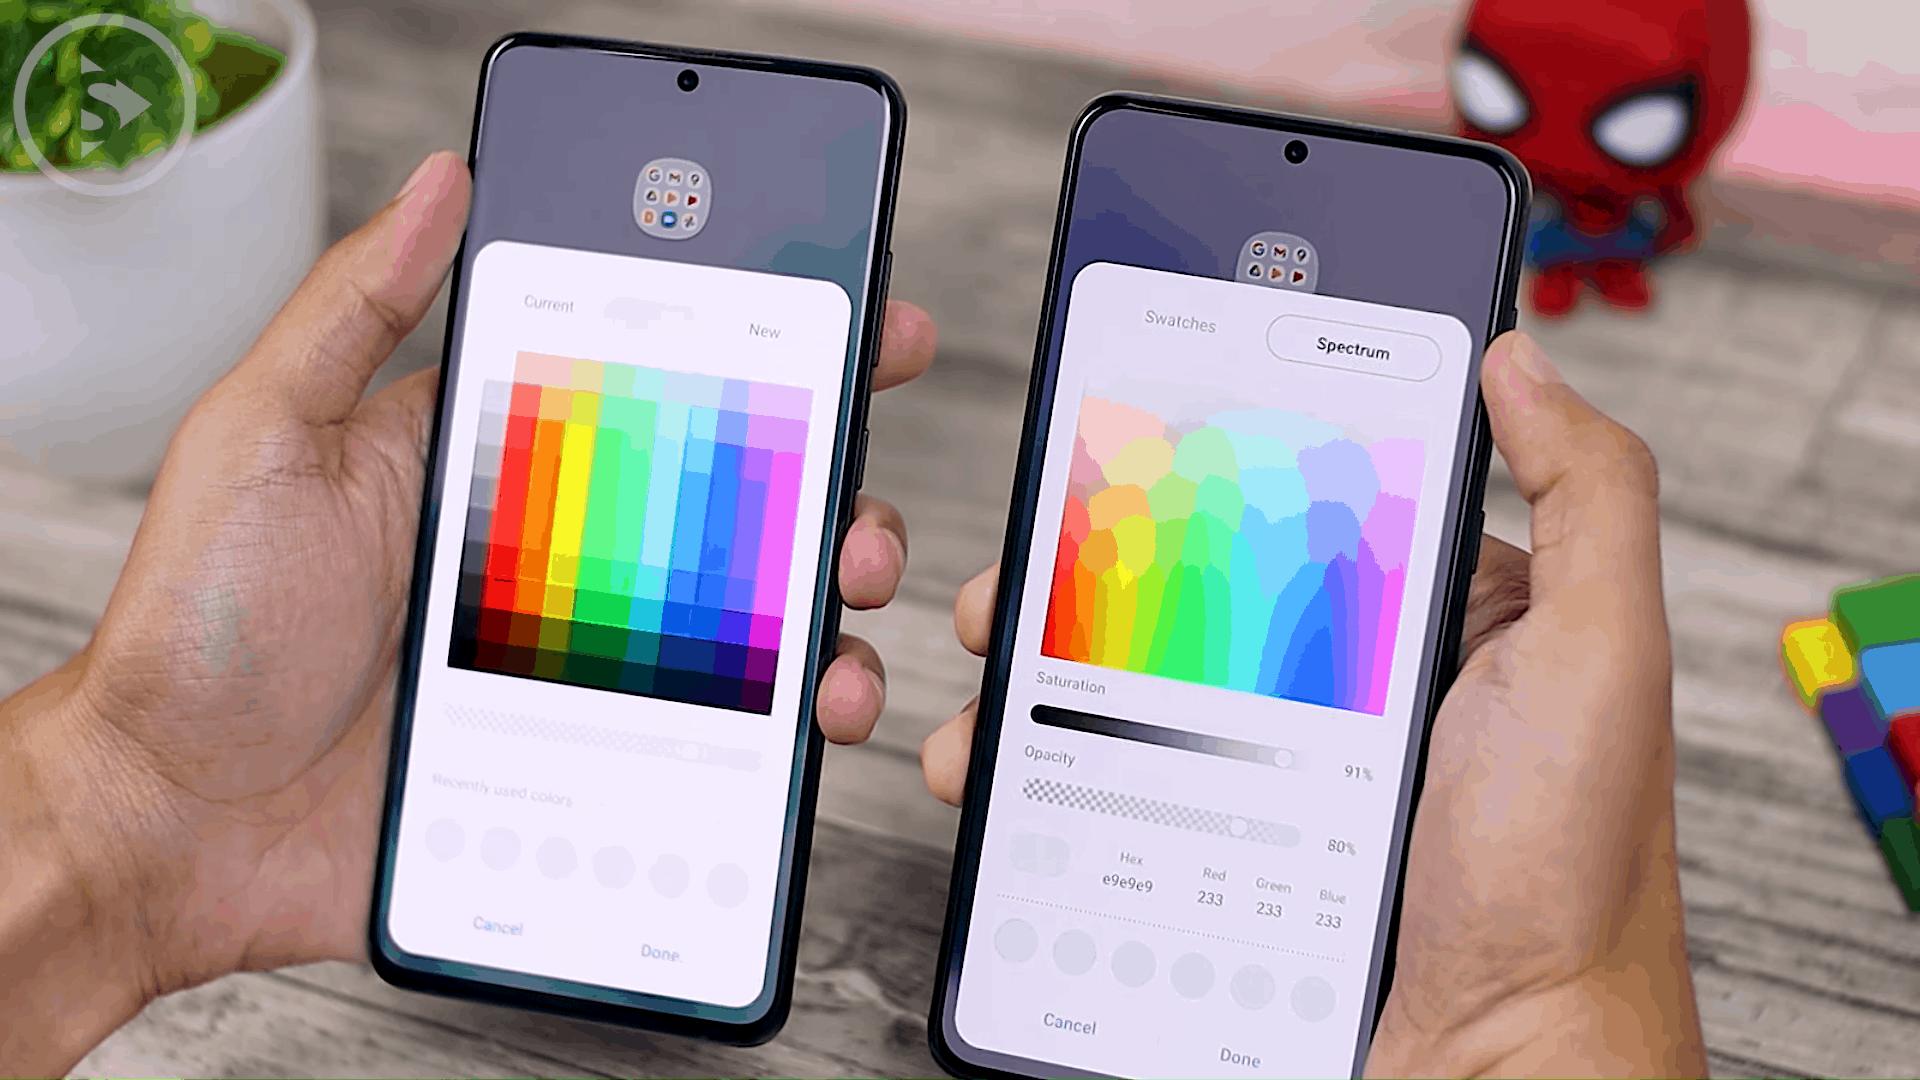 Folder Color - Cek Fitur Terbaru One UI 3.1 di Samsung S21+ yang Belum Tersedia di One UI 3.0 Samsung S20+ (PART 2)